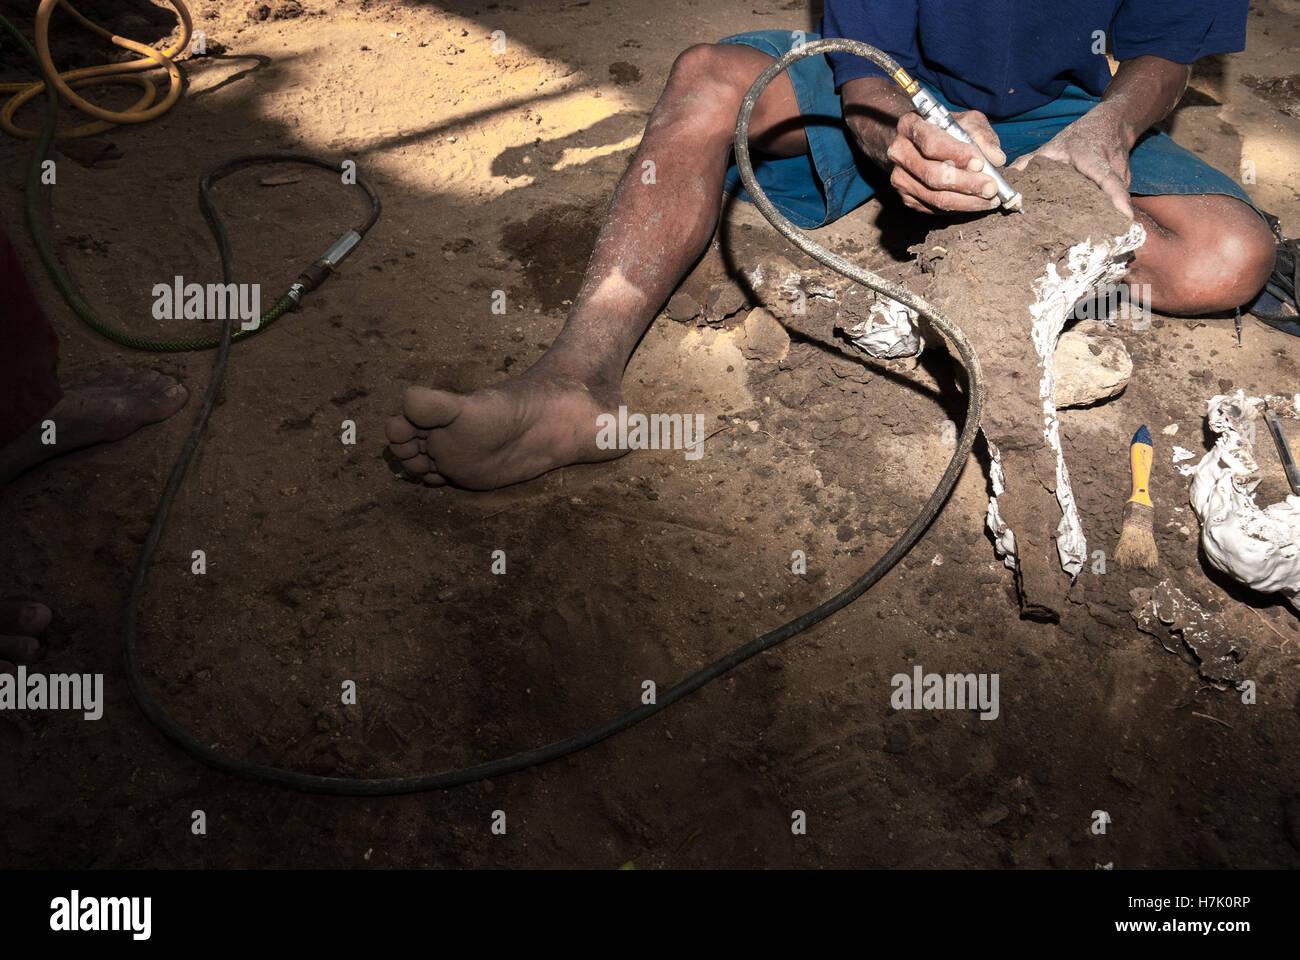 Il doit utiliser des outils abrasifs pour nettoyer un fossile enveloppé. Photo Stock